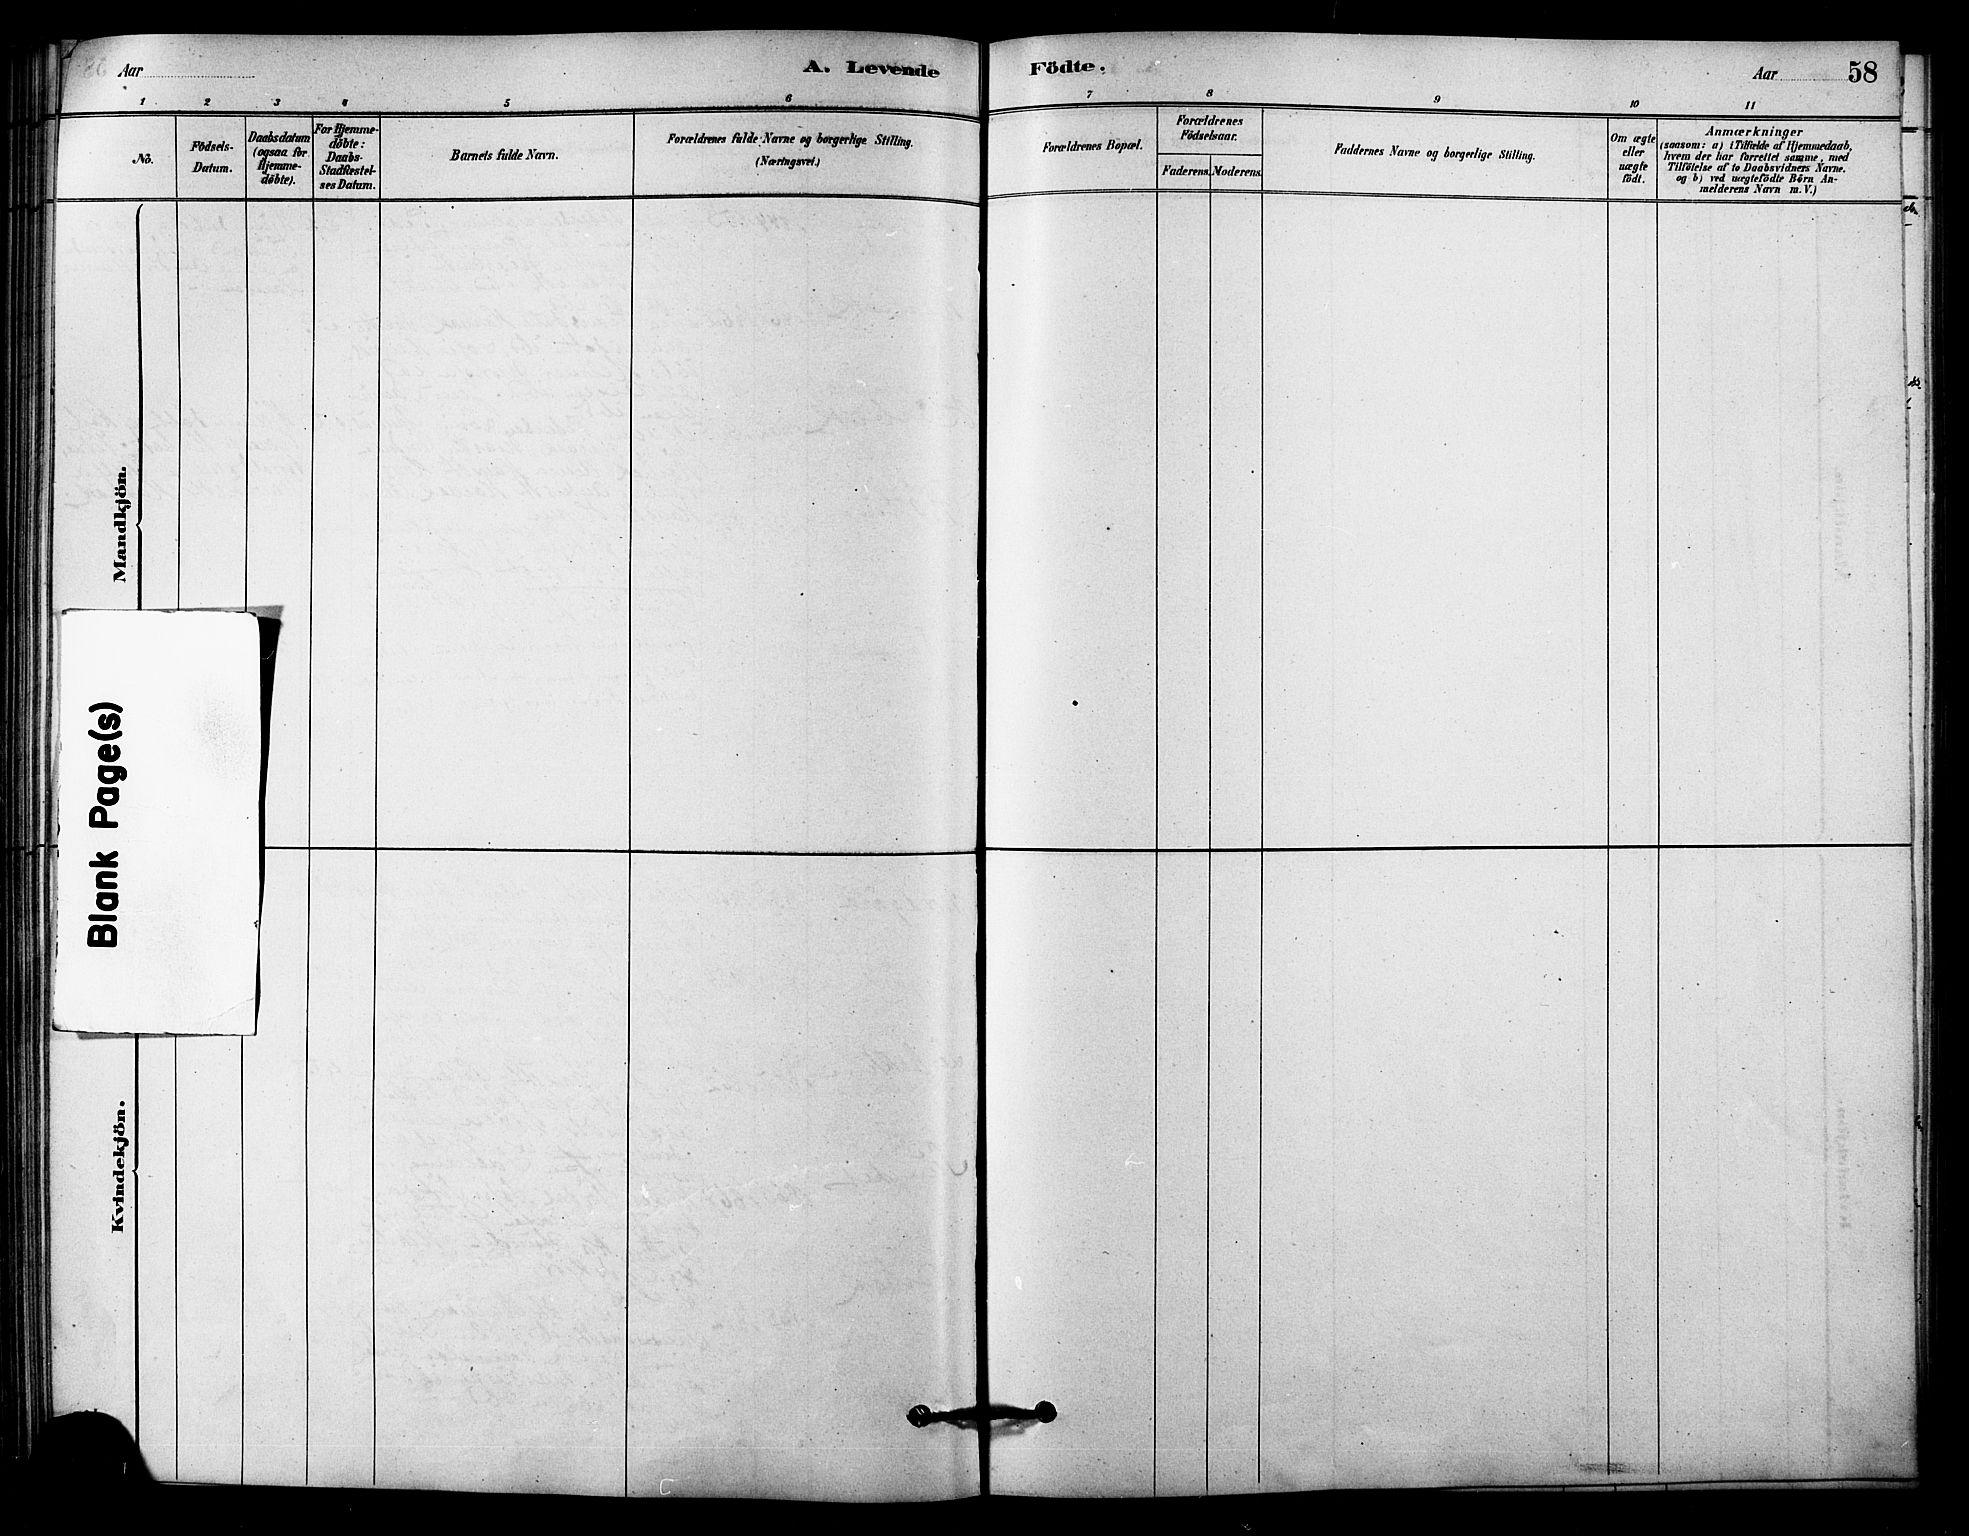 SAT, Ministerialprotokoller, klokkerbøker og fødselsregistre - Sør-Trøndelag, 656/L0692: Ministerialbok nr. 656A01, 1879-1893, s. 58